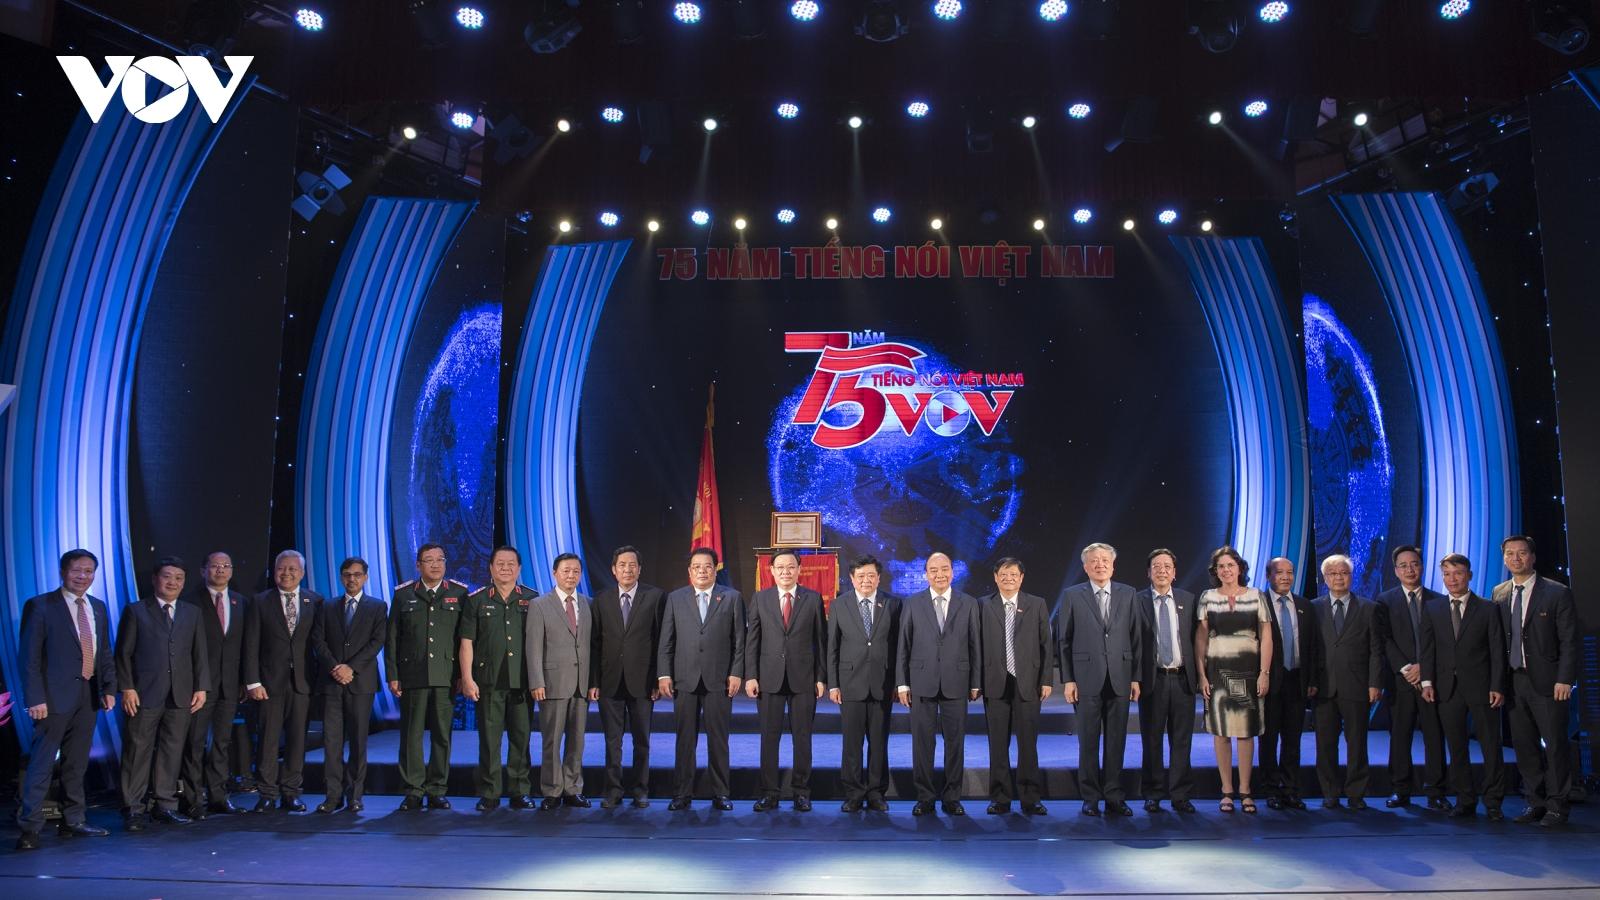 Toàn cảnh: VOV tổ chức lễ kỷ niệm 75 năm ngày thành lập và đón nhận 4 danh hiệu cao quý